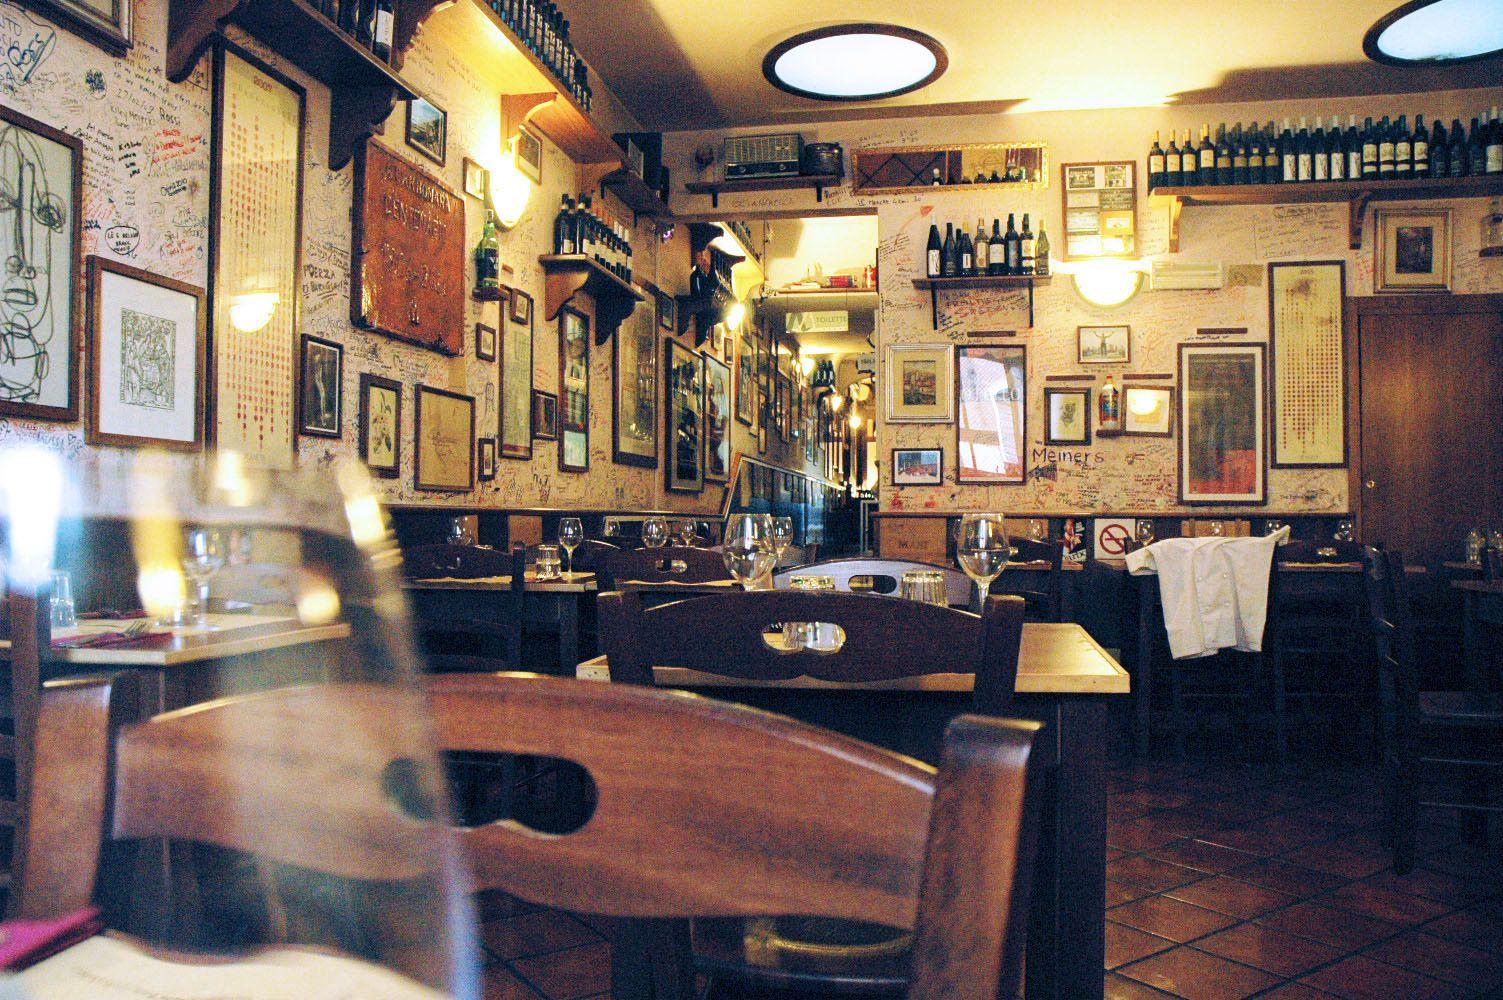 Osteria ristorante con cucina tipica romana a Roma